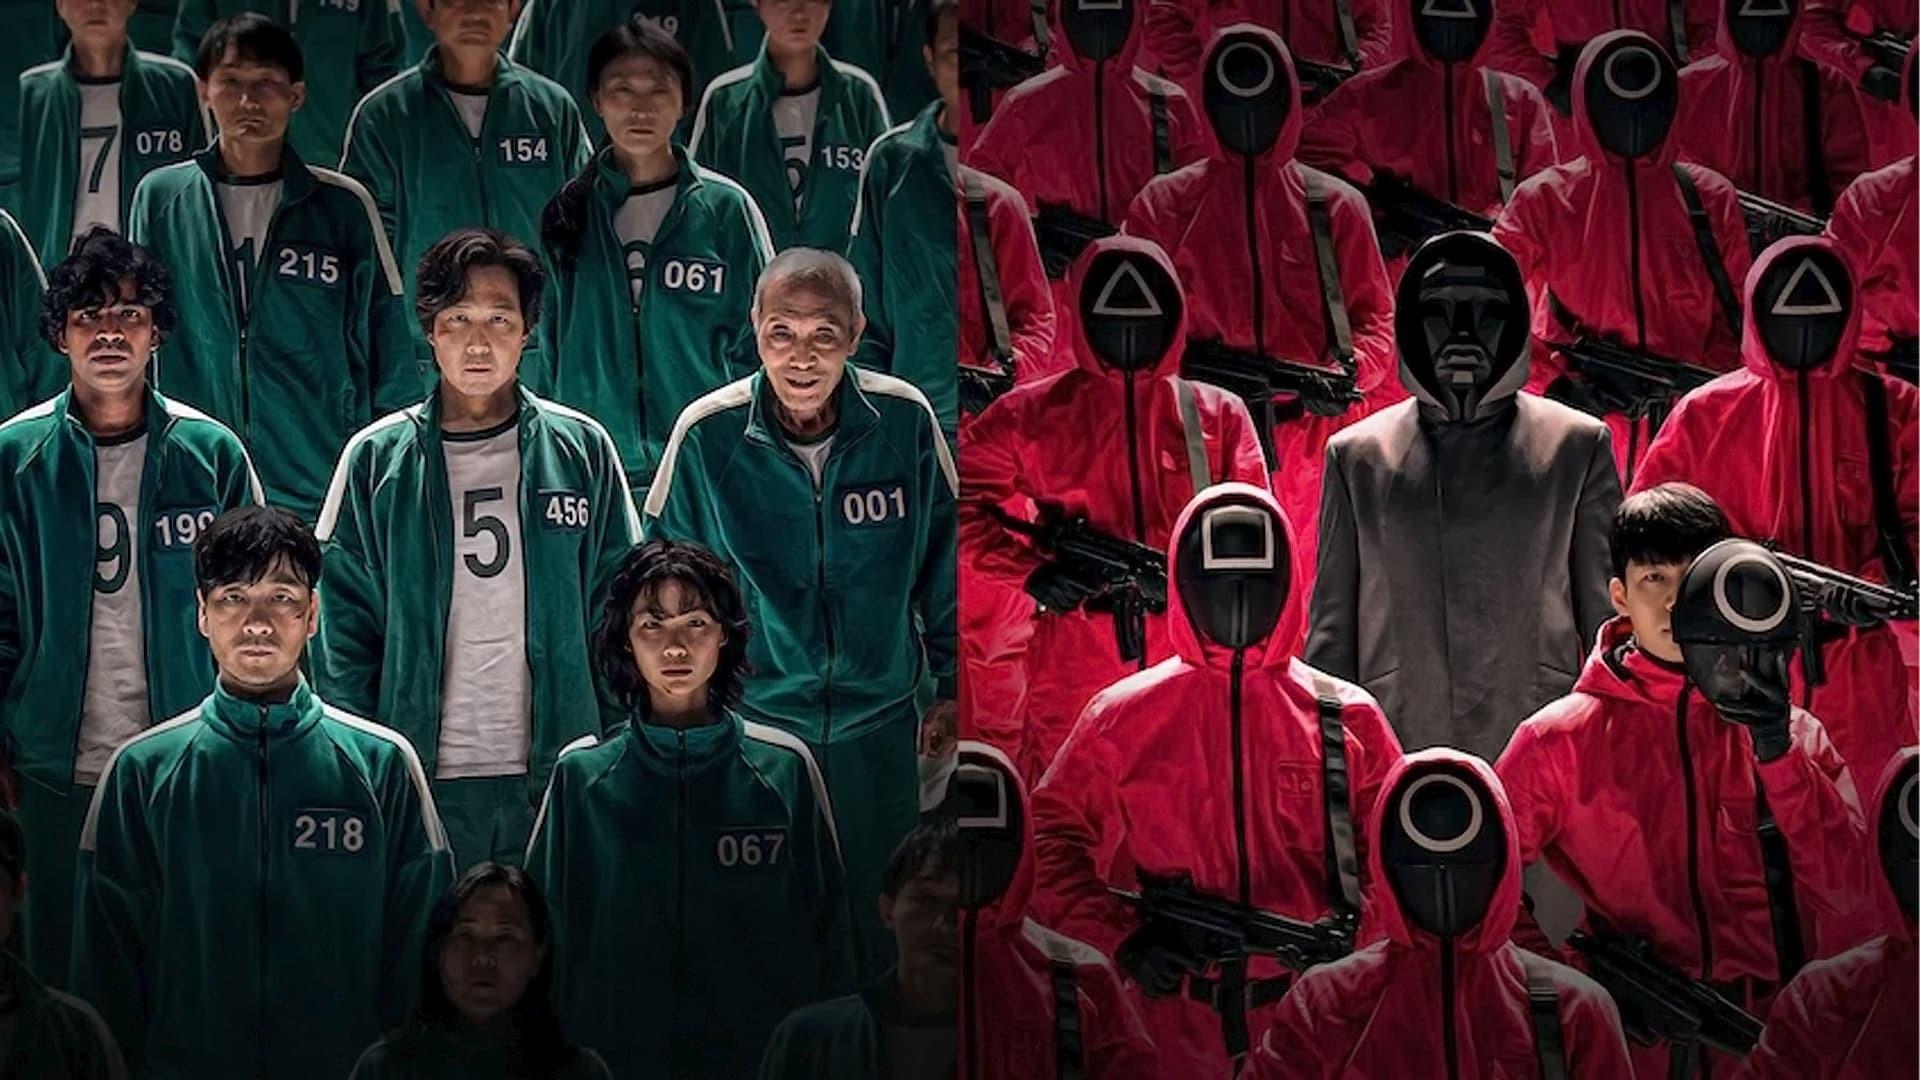 'Squid Game' przebija 'Bridgerton' jako największy serial Netflixa